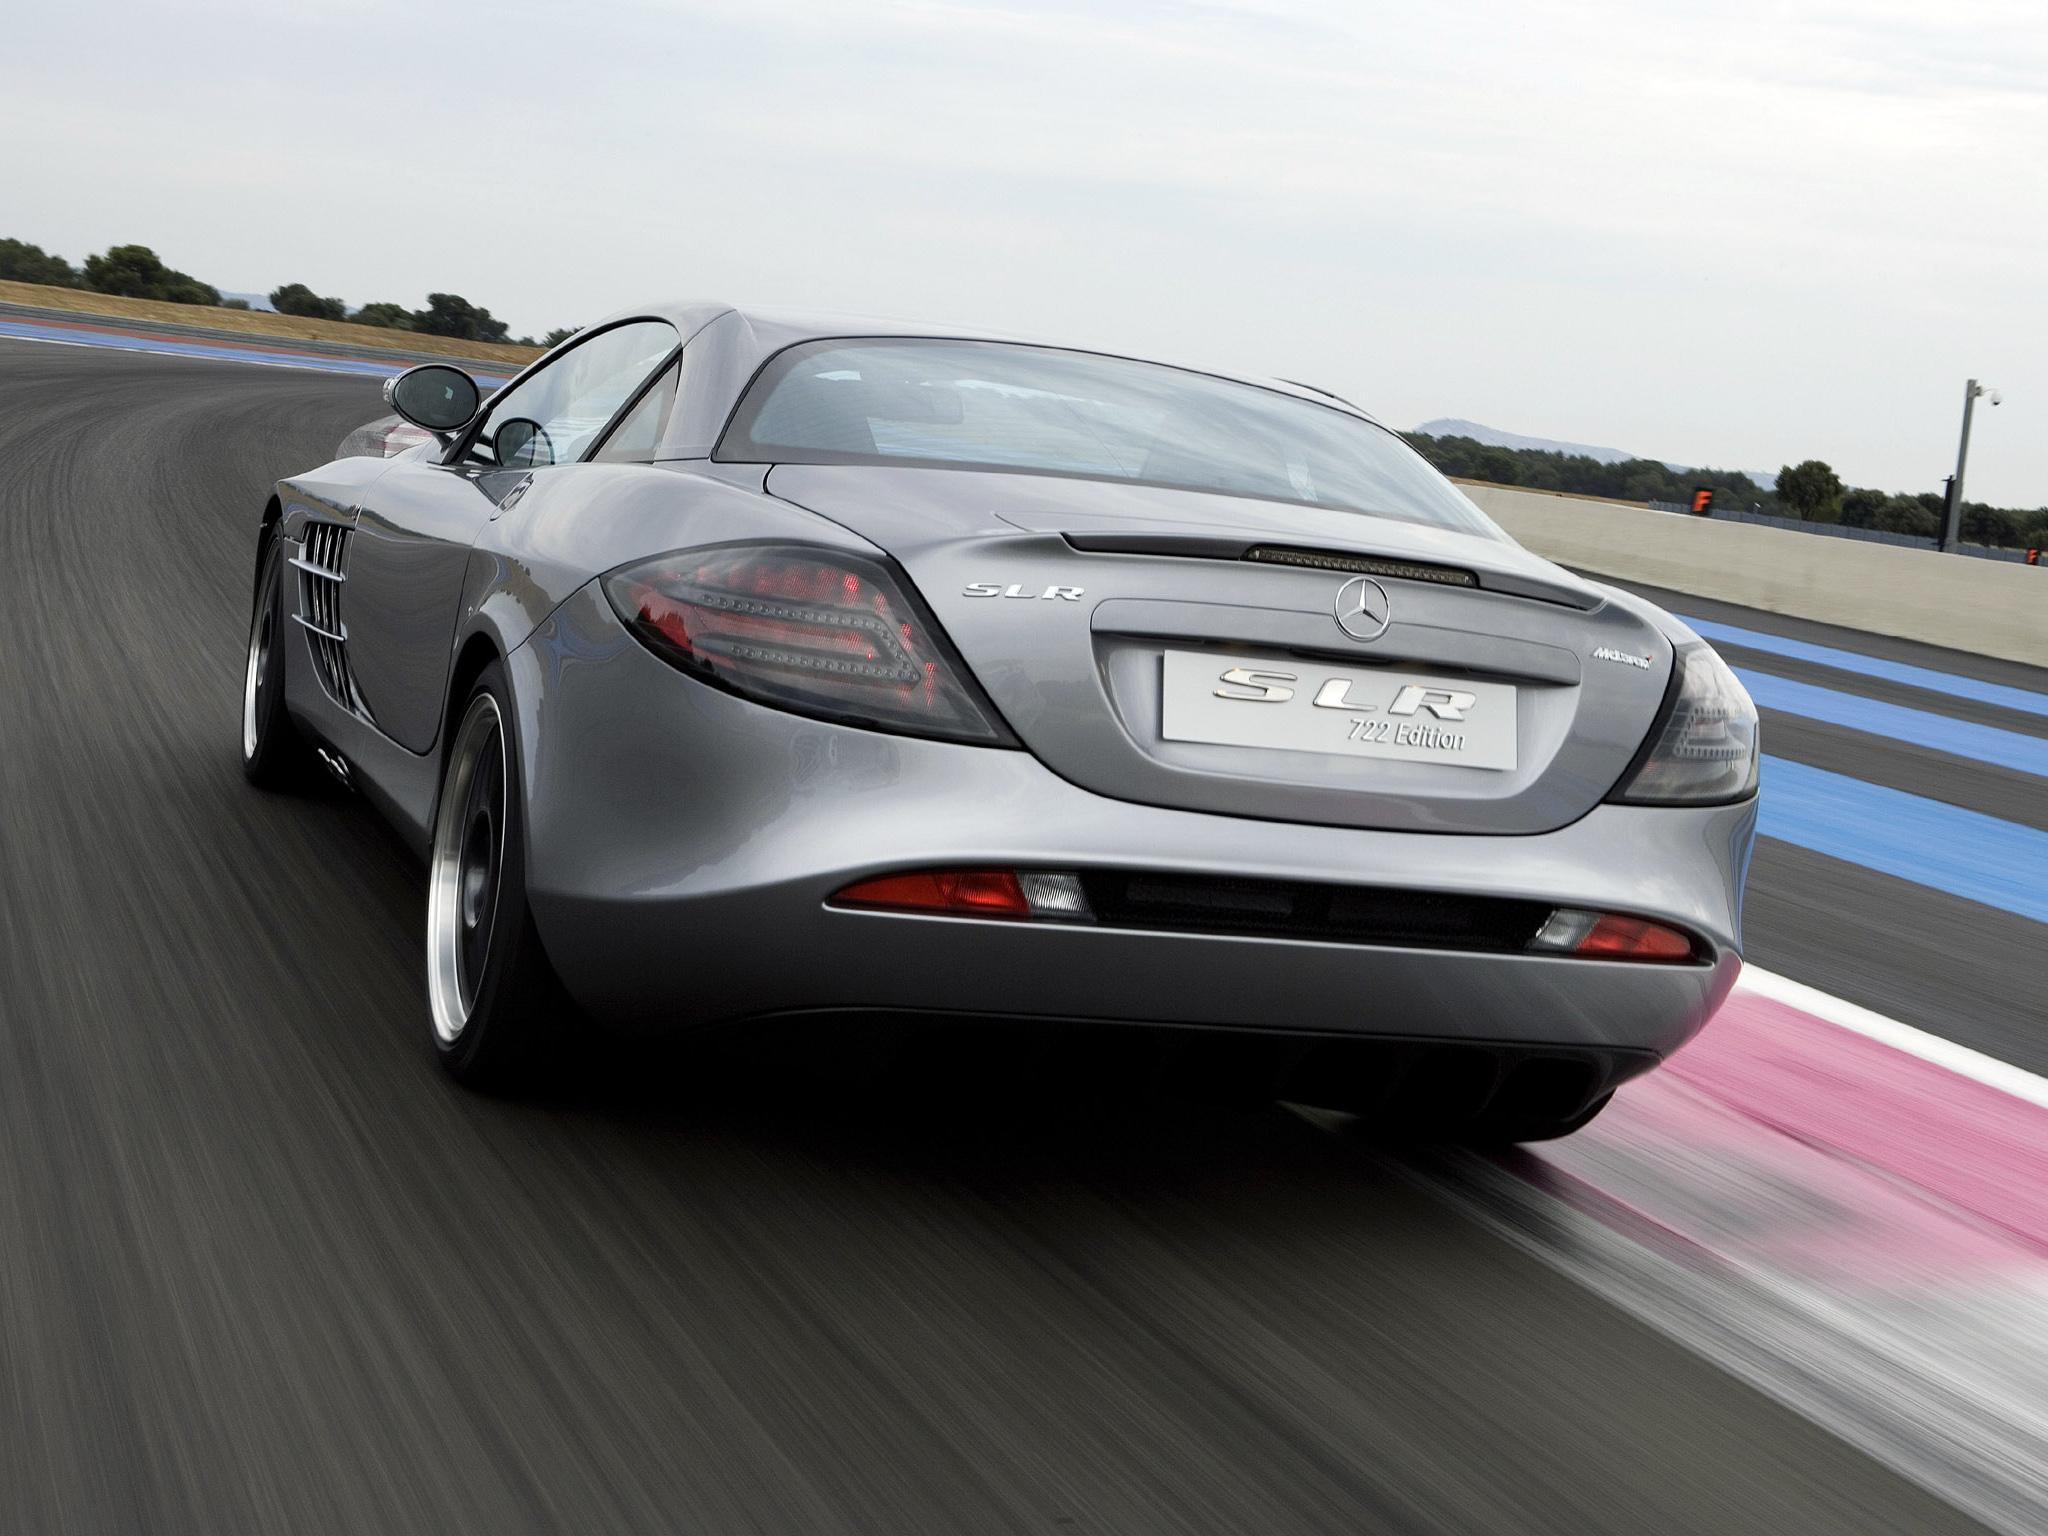 В Украине засняли редчайший суперкар Mercedes лимитированной серии